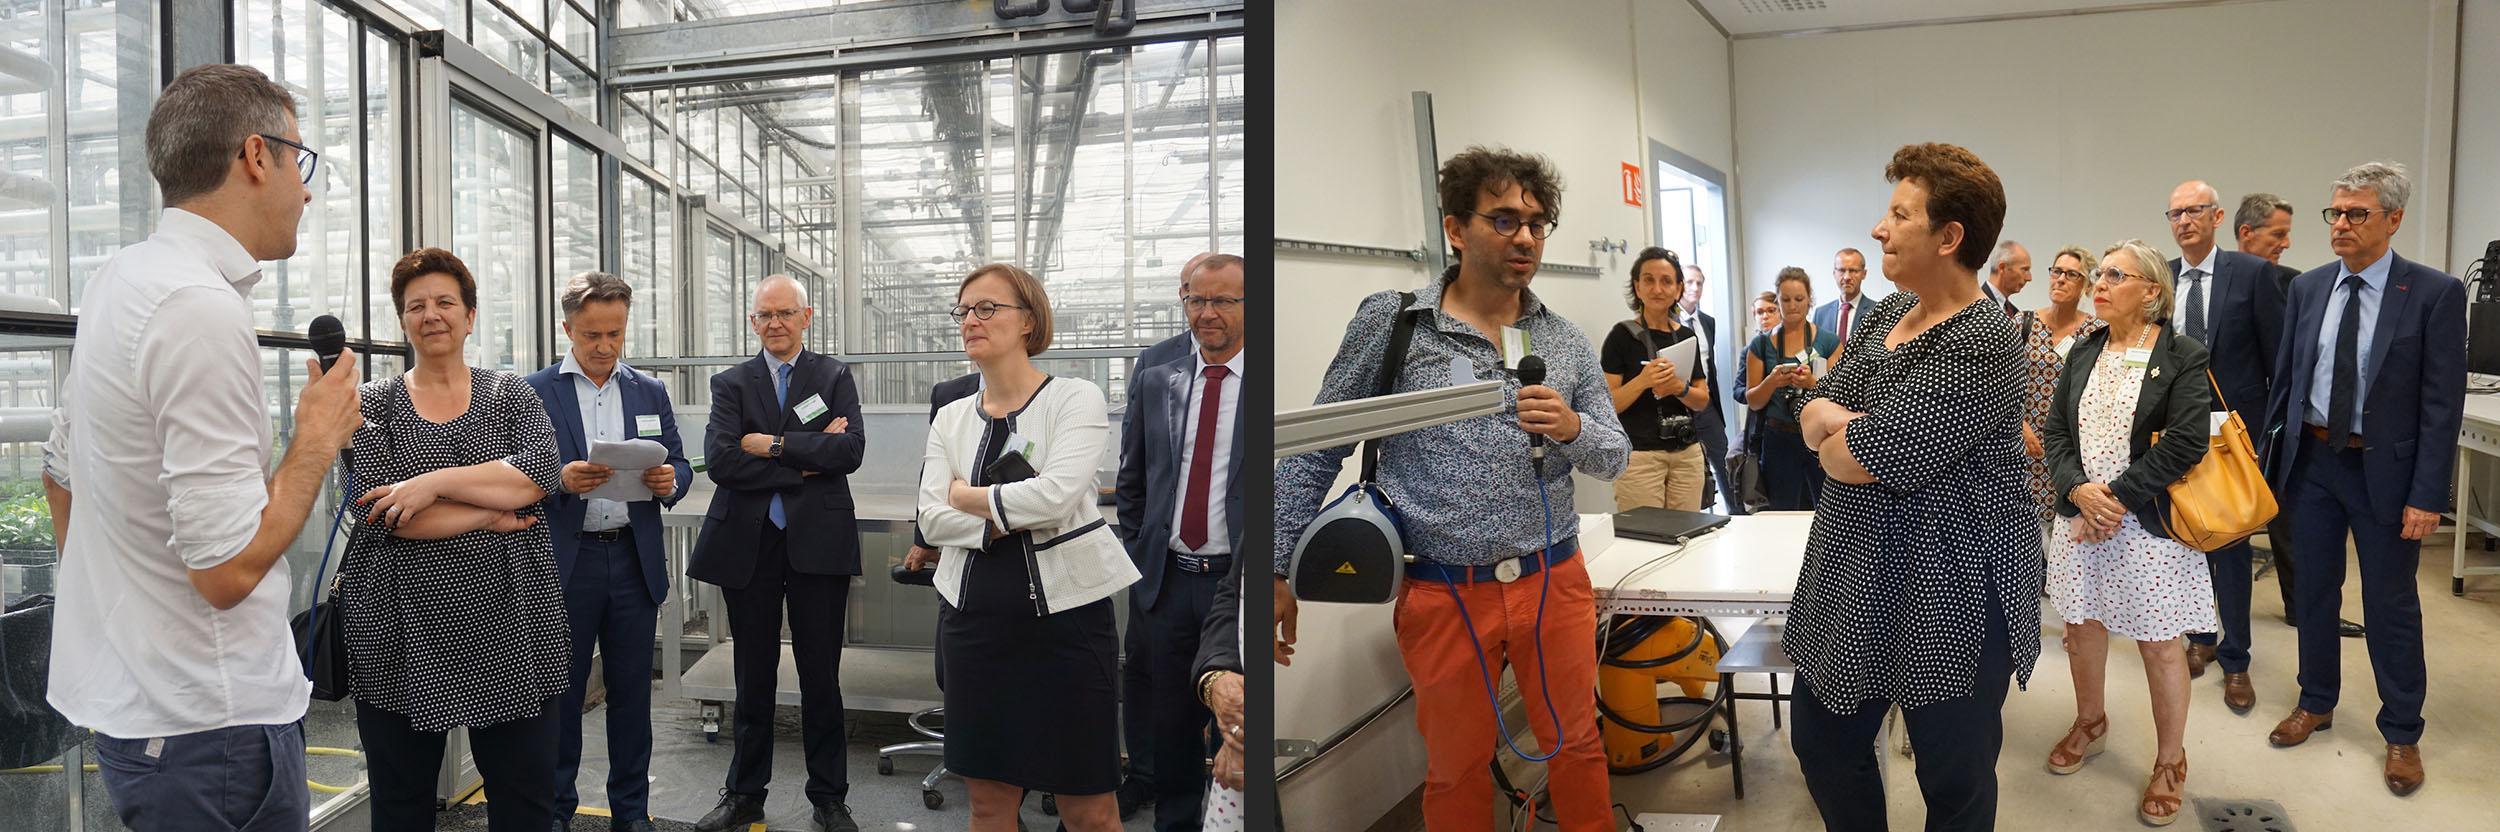 Visite F Vidal - F Vidal